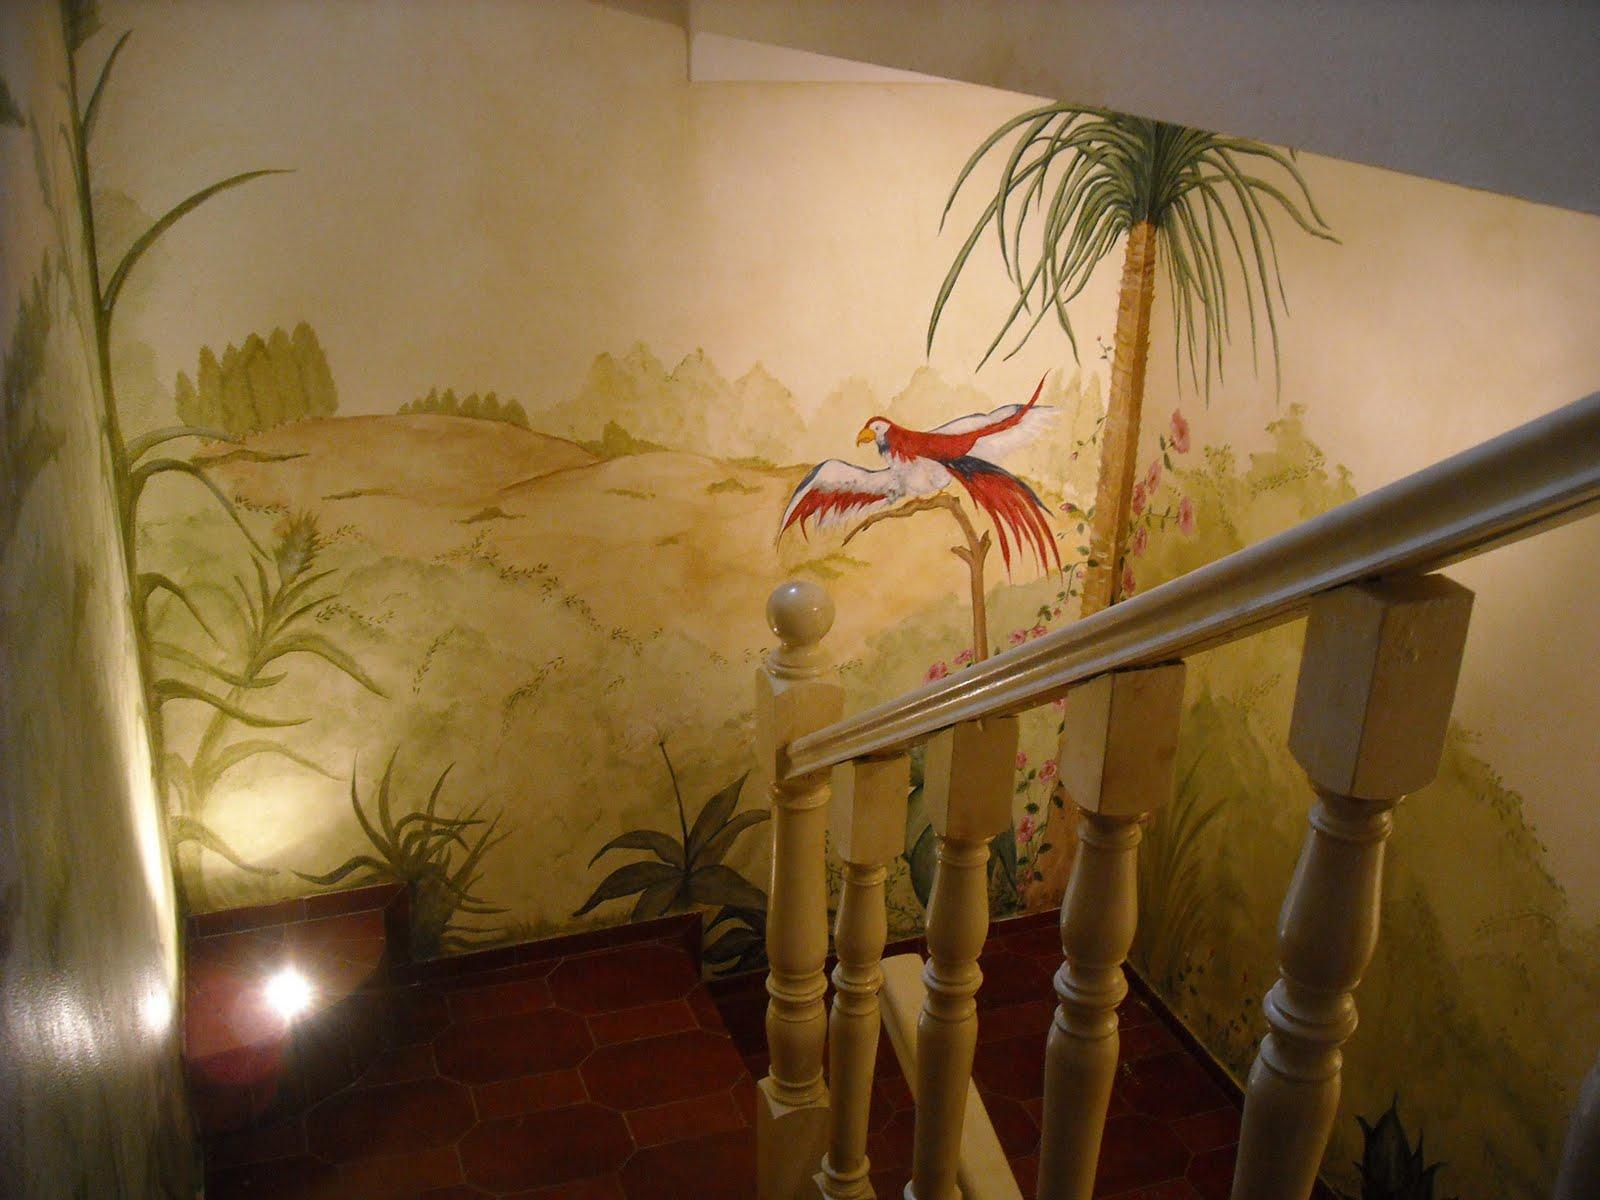 Tuttiaquarela pintura decorativa em parede iii - Paredes decorativas interiores ...